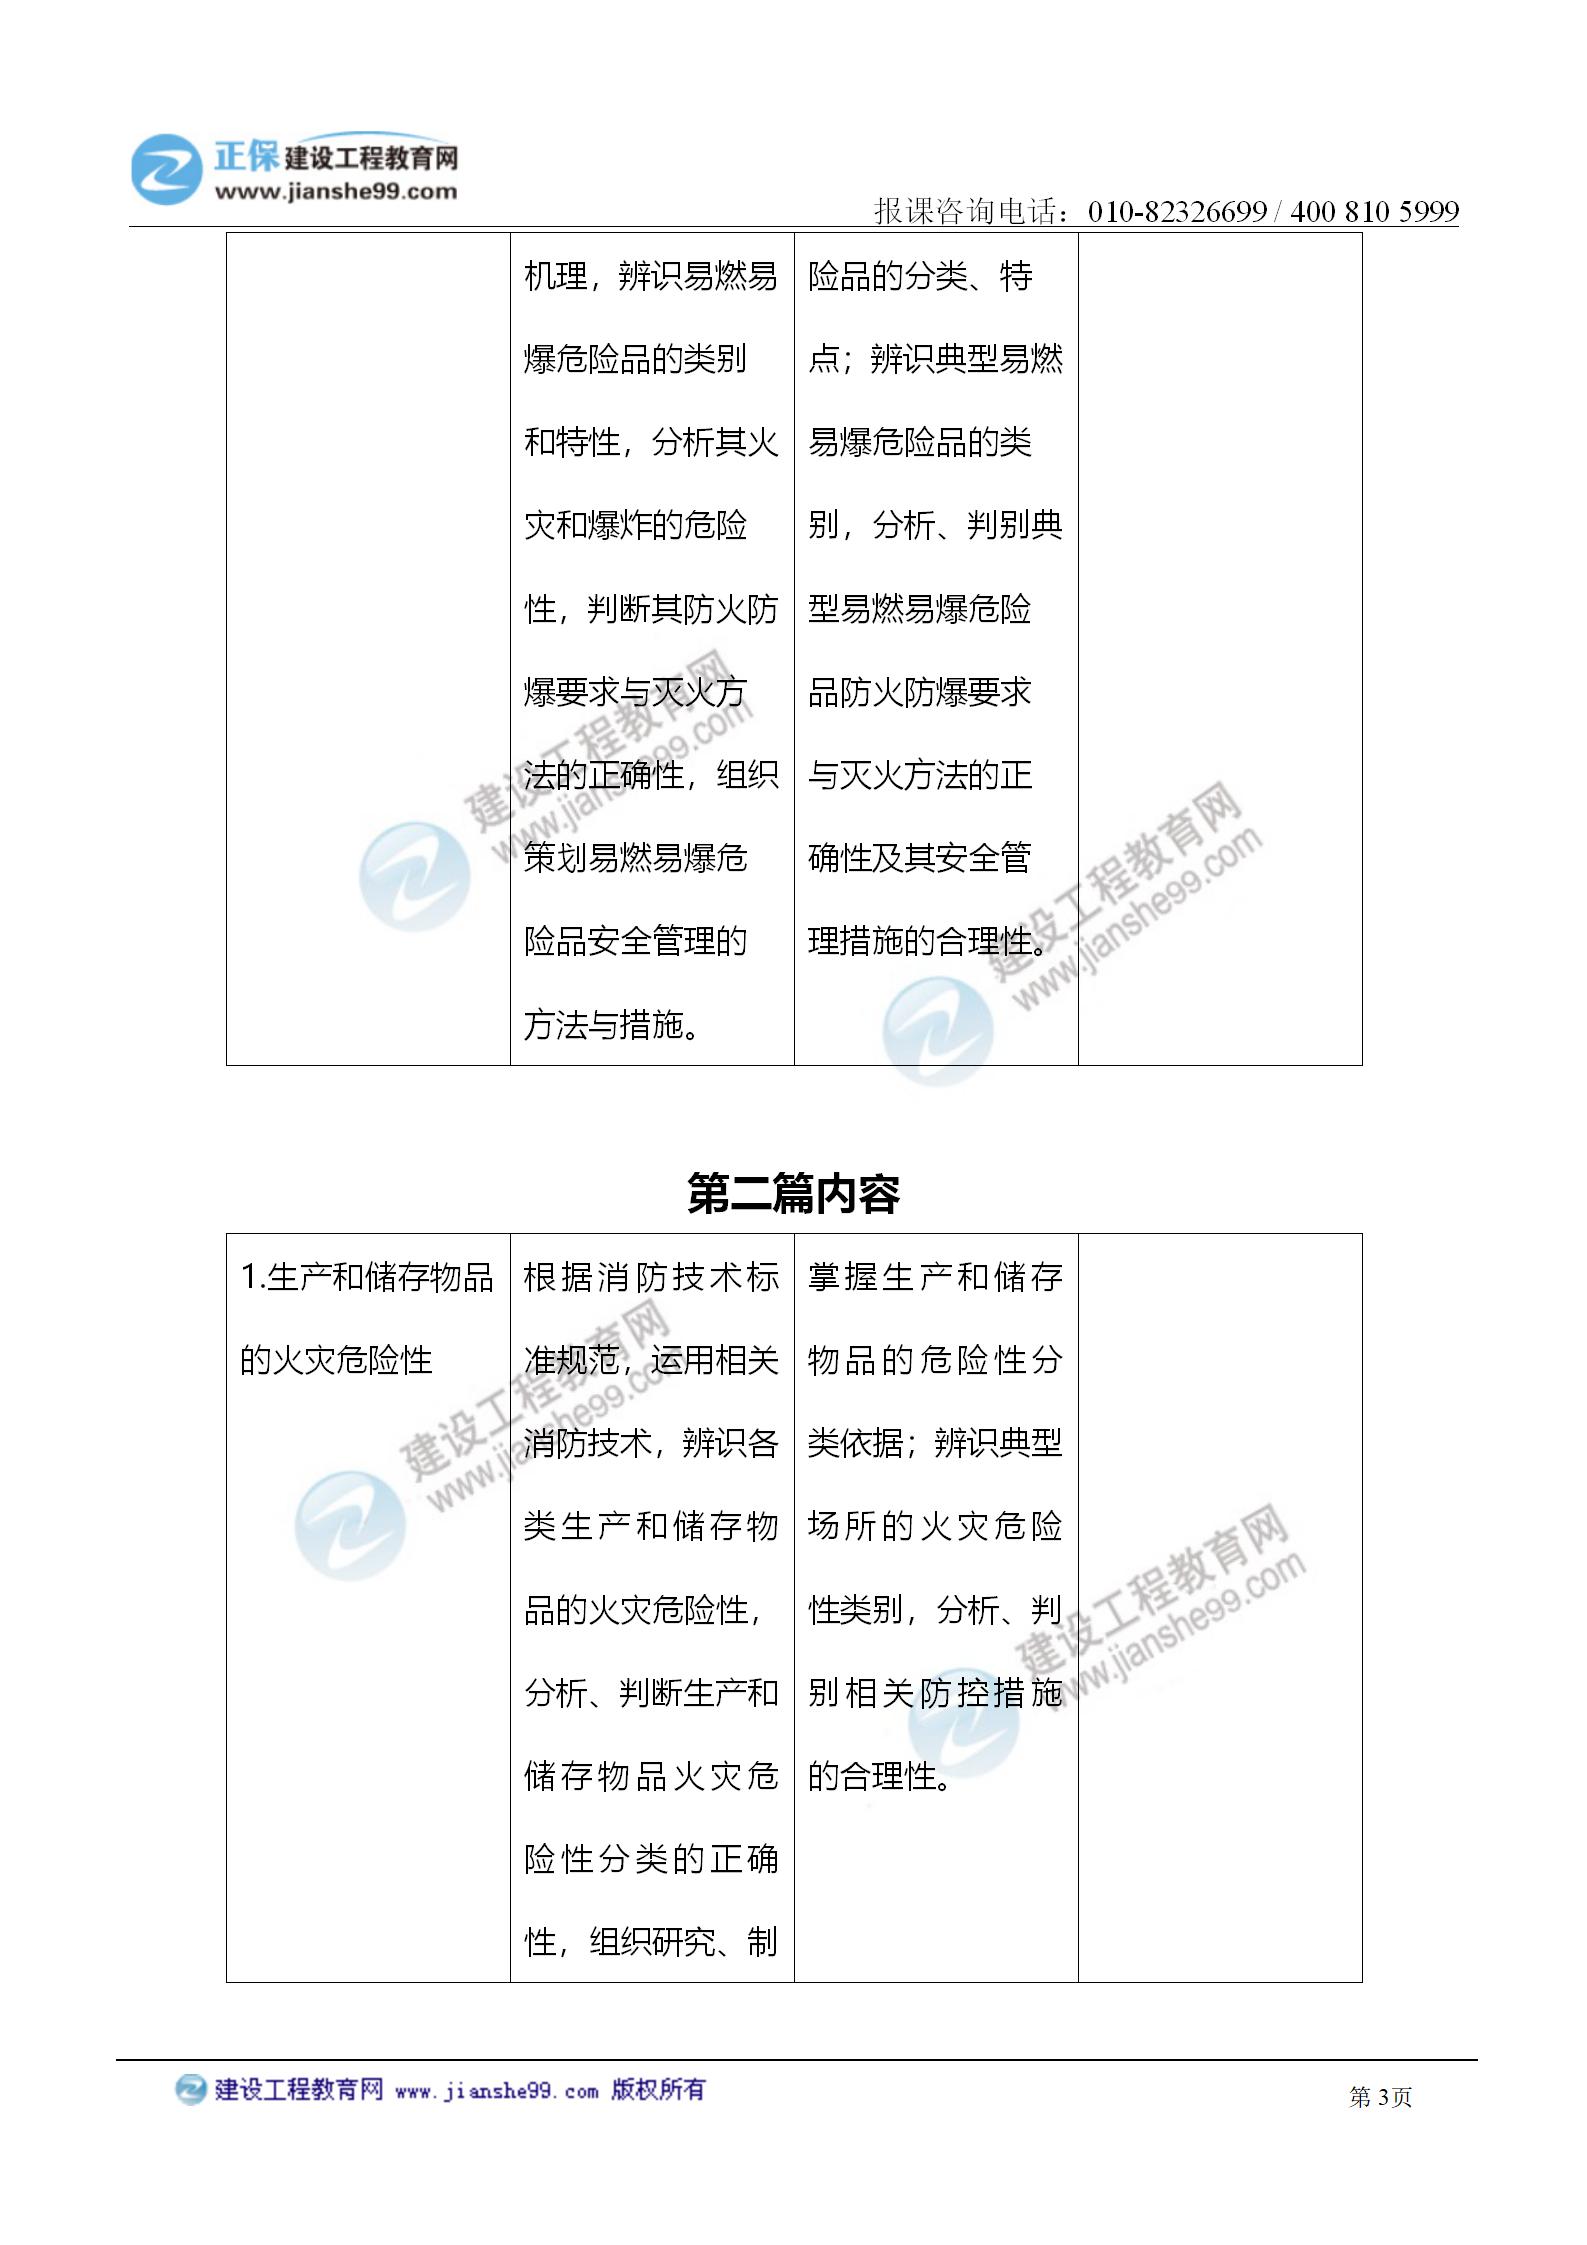 2021注册消防工程师《技术实务》考试大纲变化情况_03